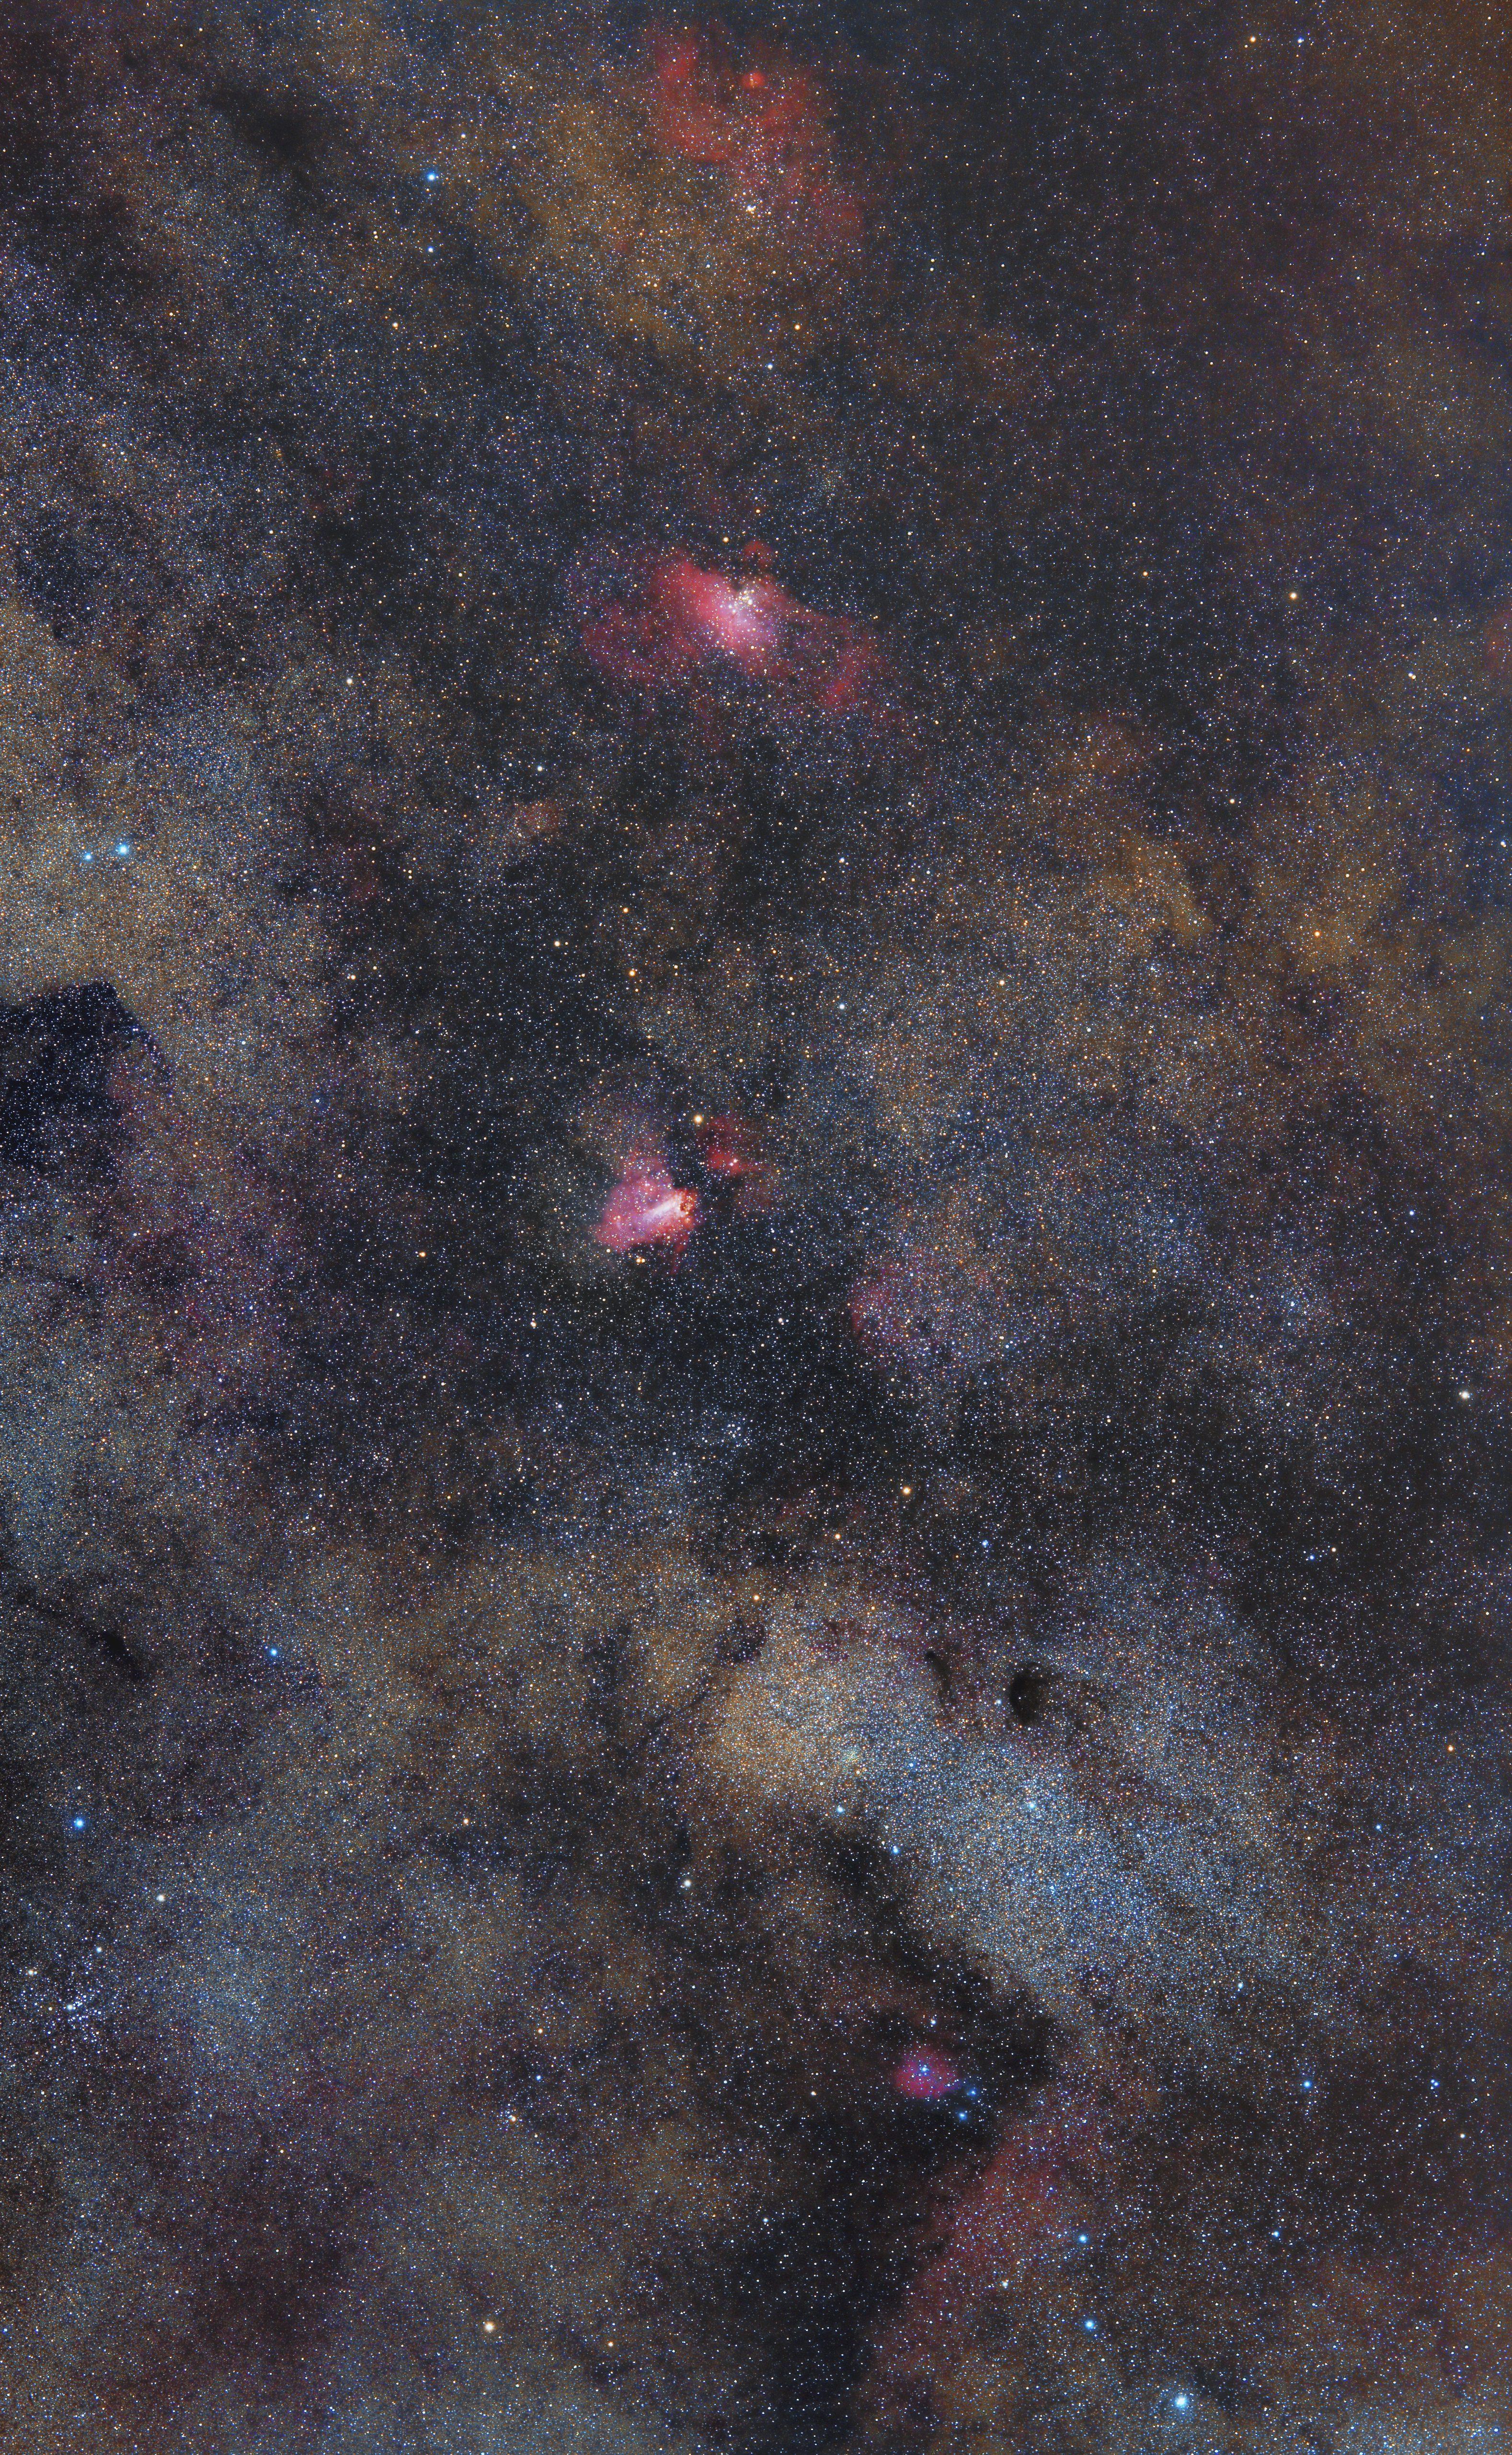 Sagittarius Star Cloud i M16 M17